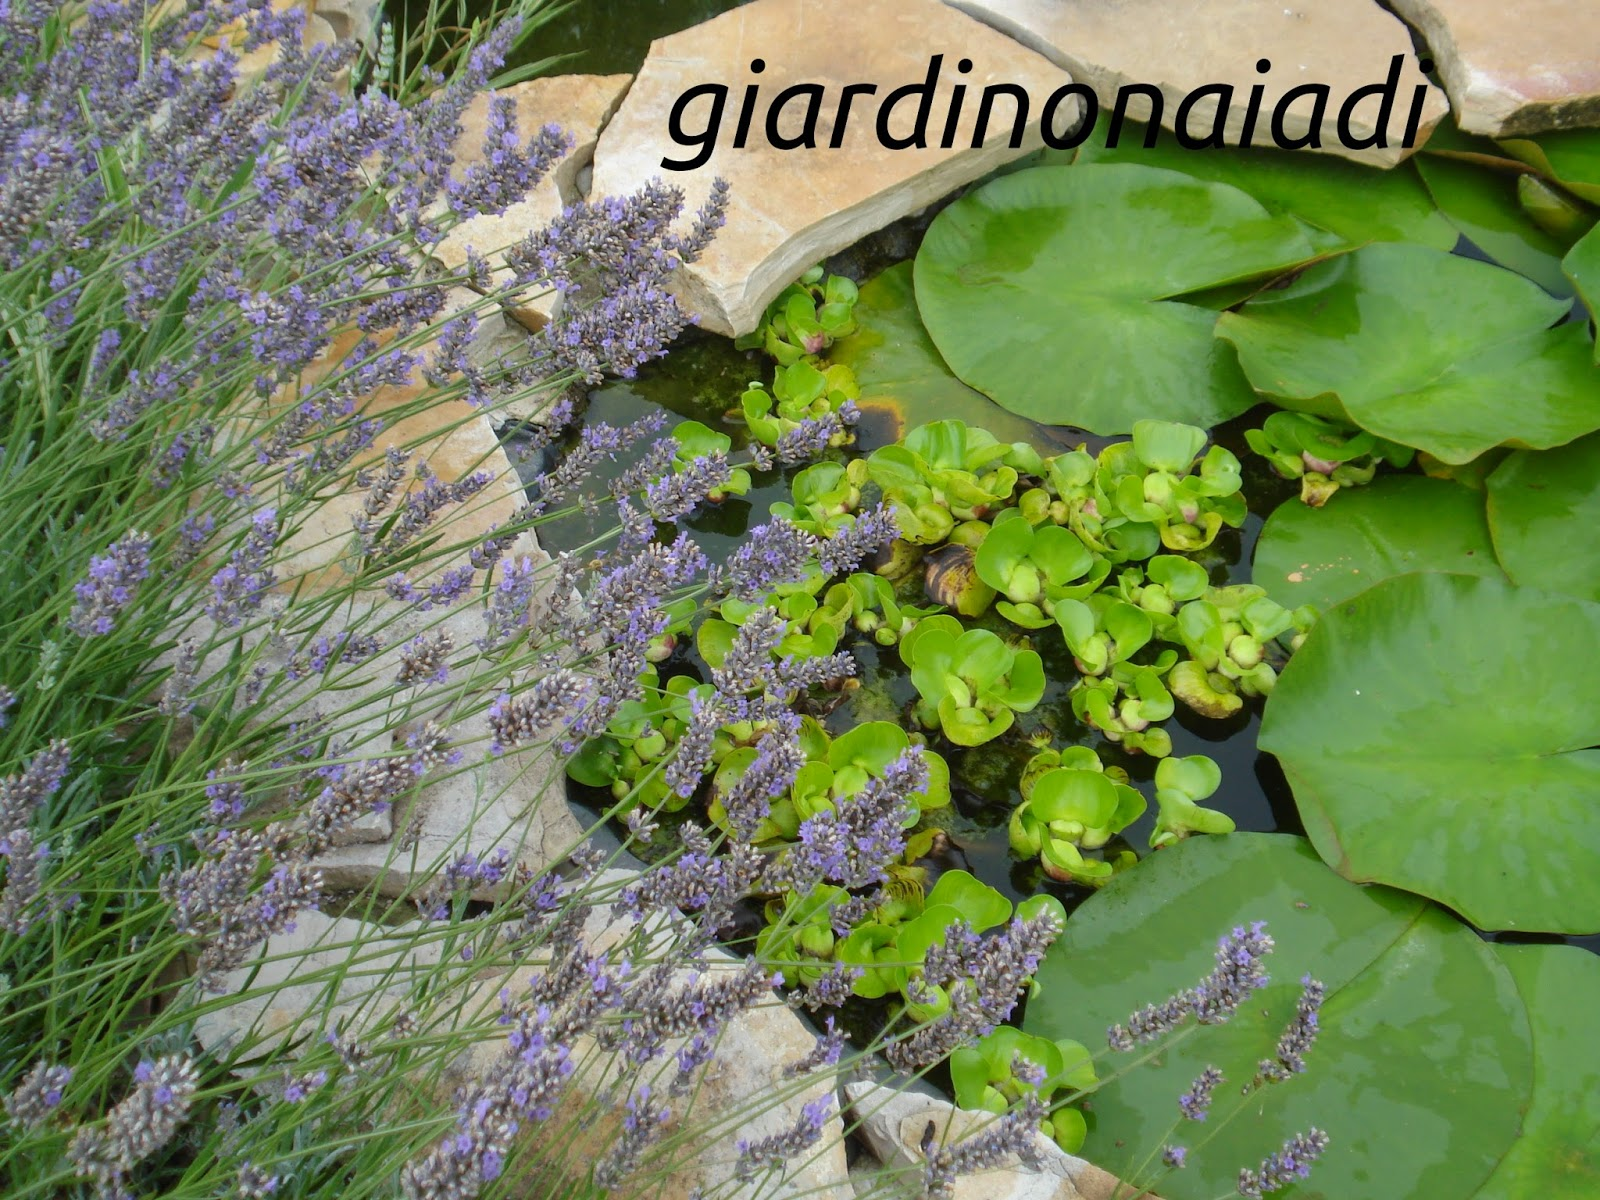 Pianta Orecchie Di Agnello il giardino delle naiadi: luglio 2012